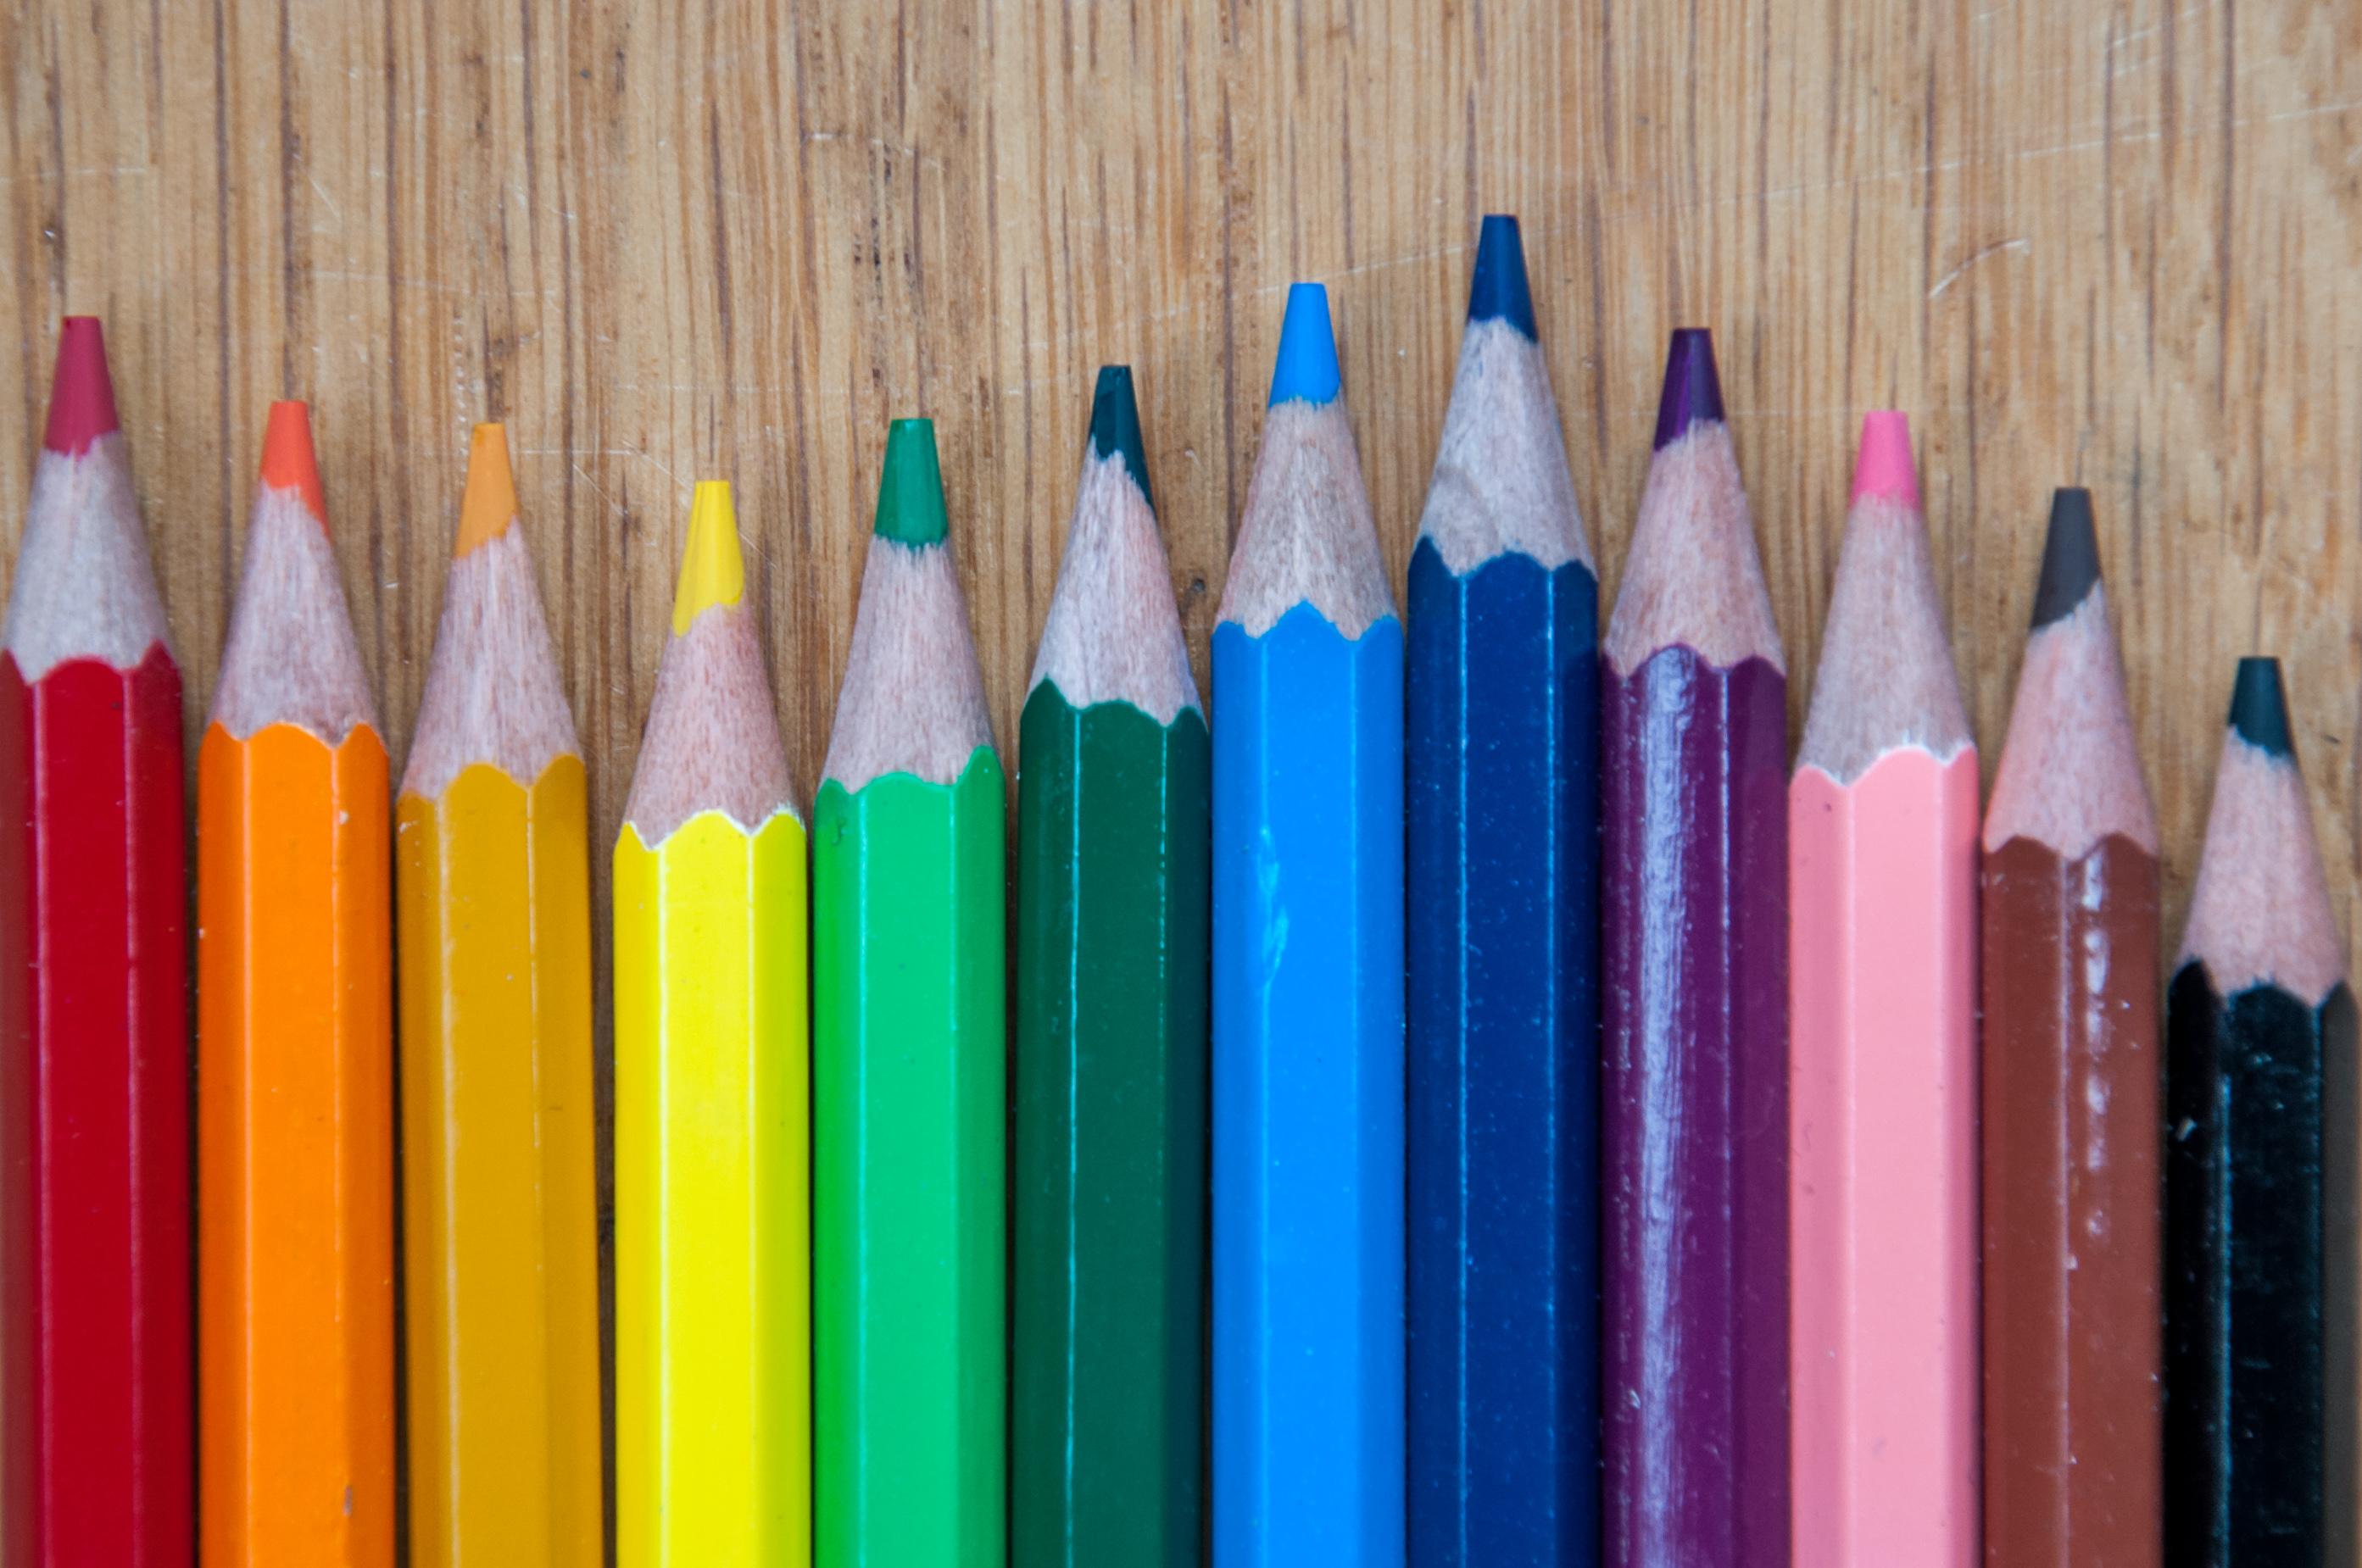 Color pencils, Arrangement, Red, Paint, Palette, HQ Photo